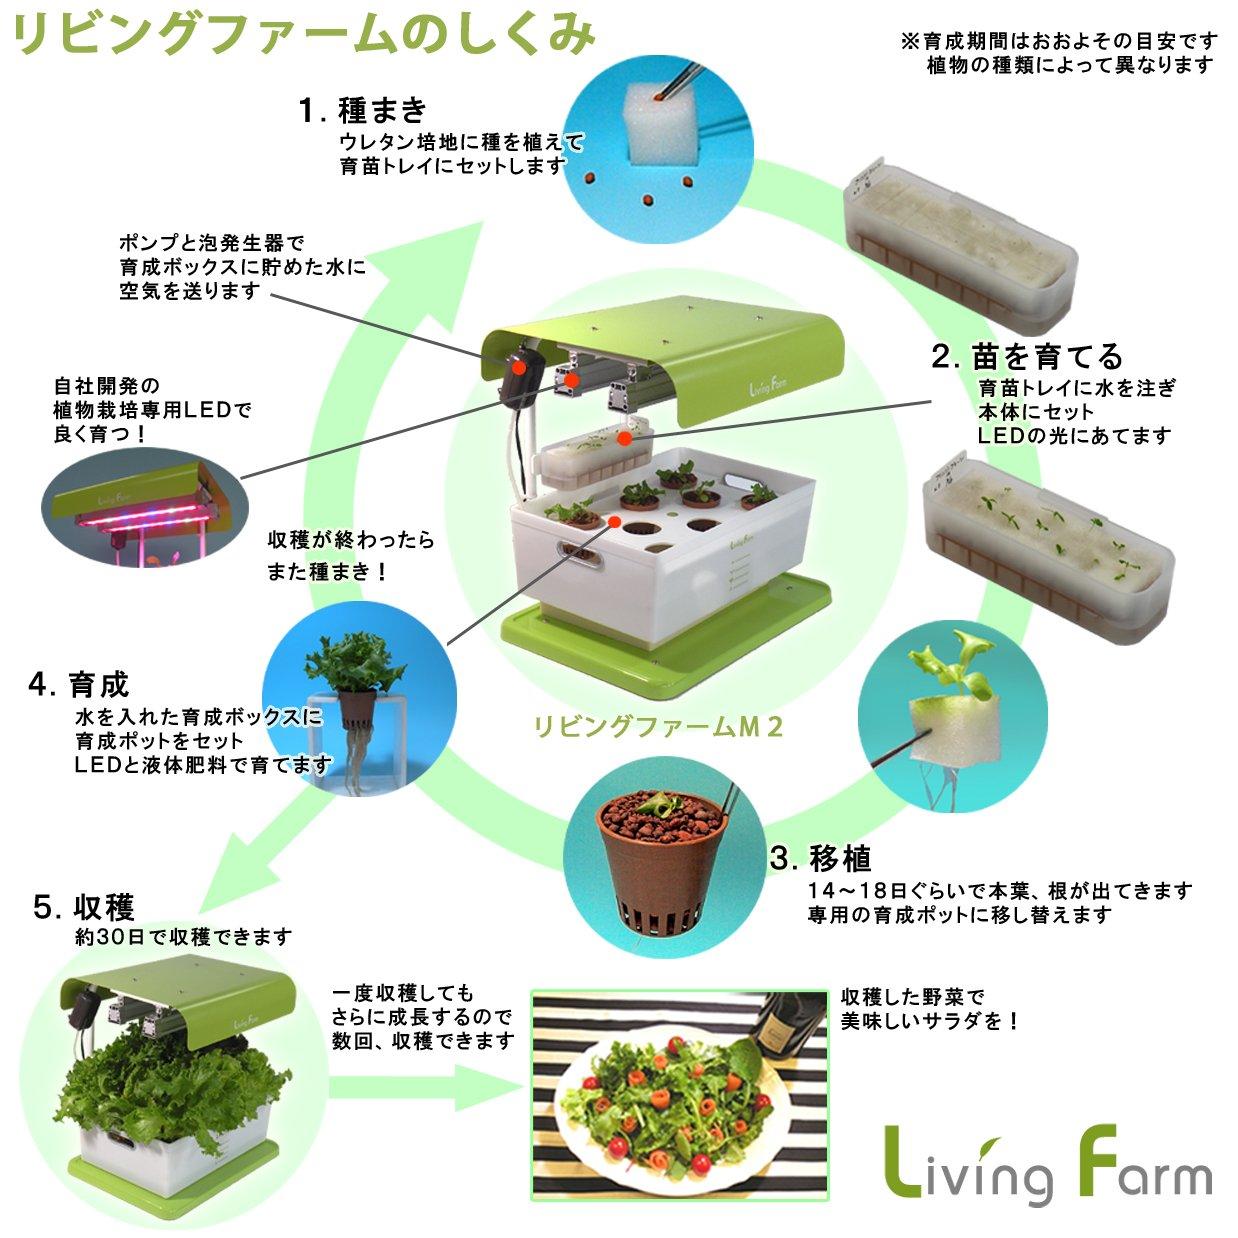 水耕栽培キット リビングファーム